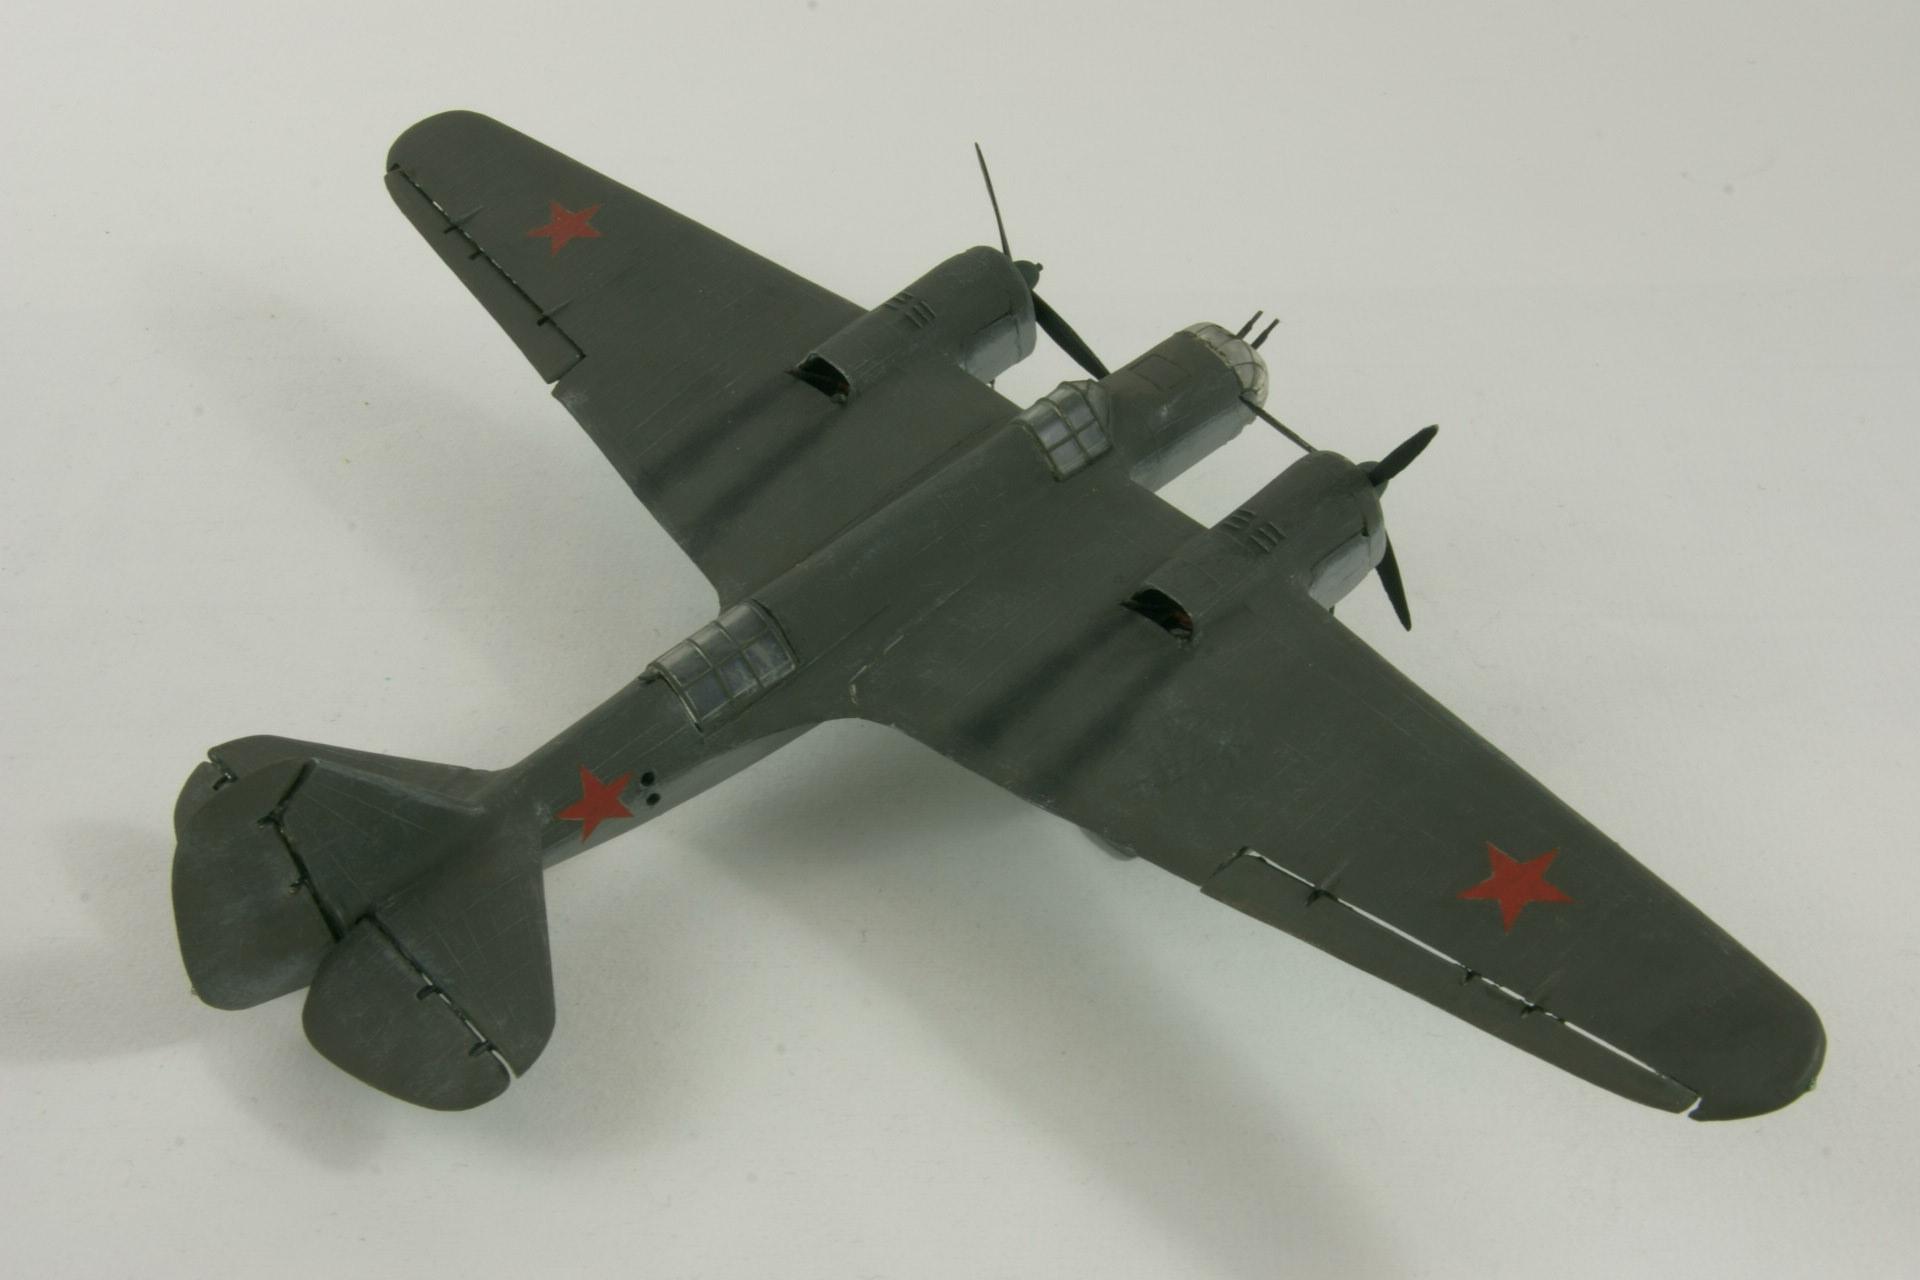 Tupolev sb 2m 100a 3 2